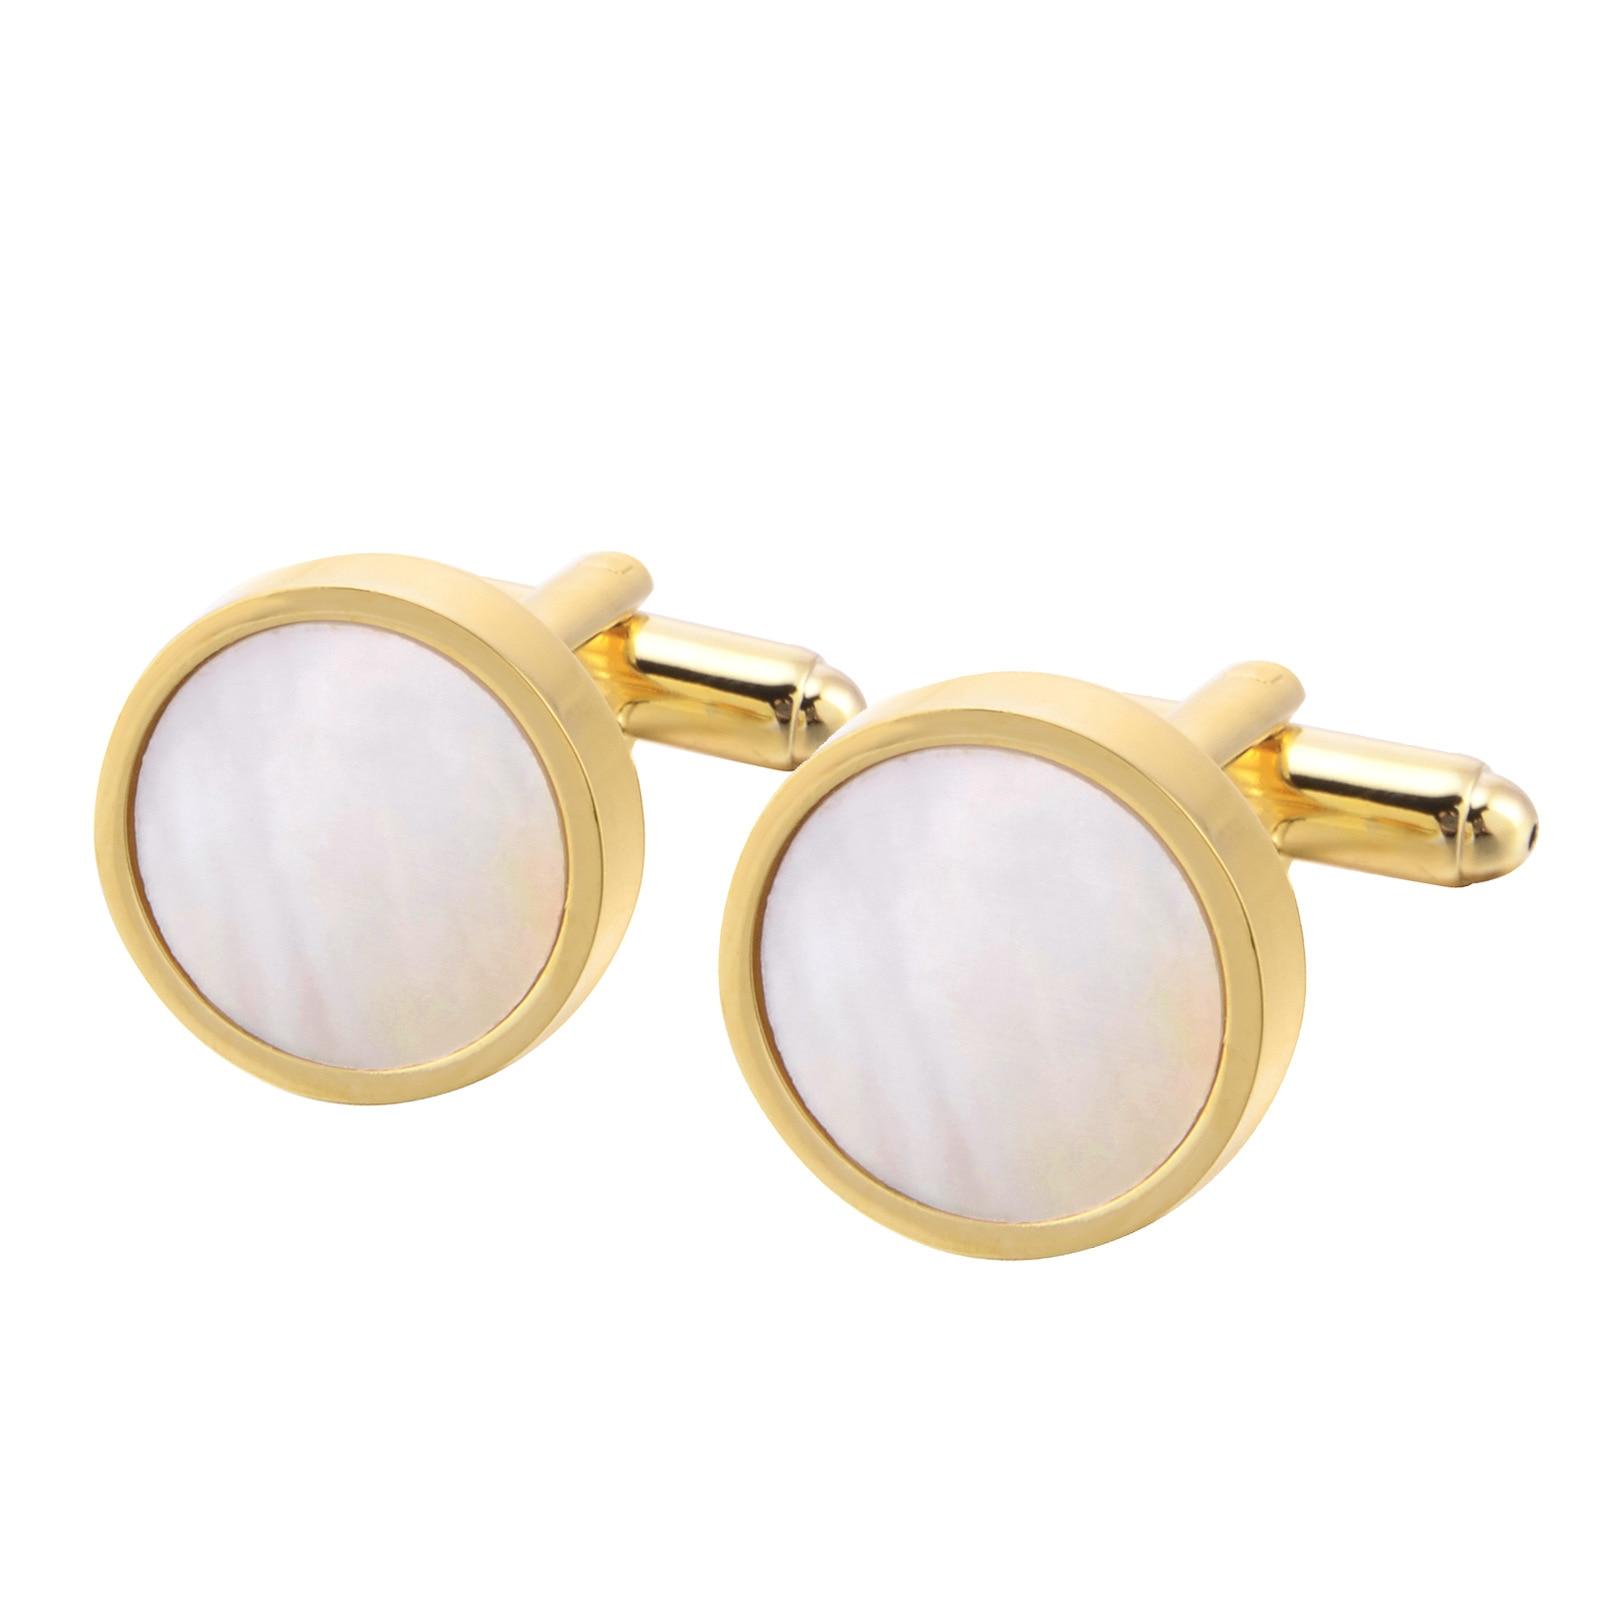 Gemelos para camisa de traje redondo de perlas doradas brazalete botones de enlaces Natural Fritillaria francés gemelos de alta calidad para hombre Regalos